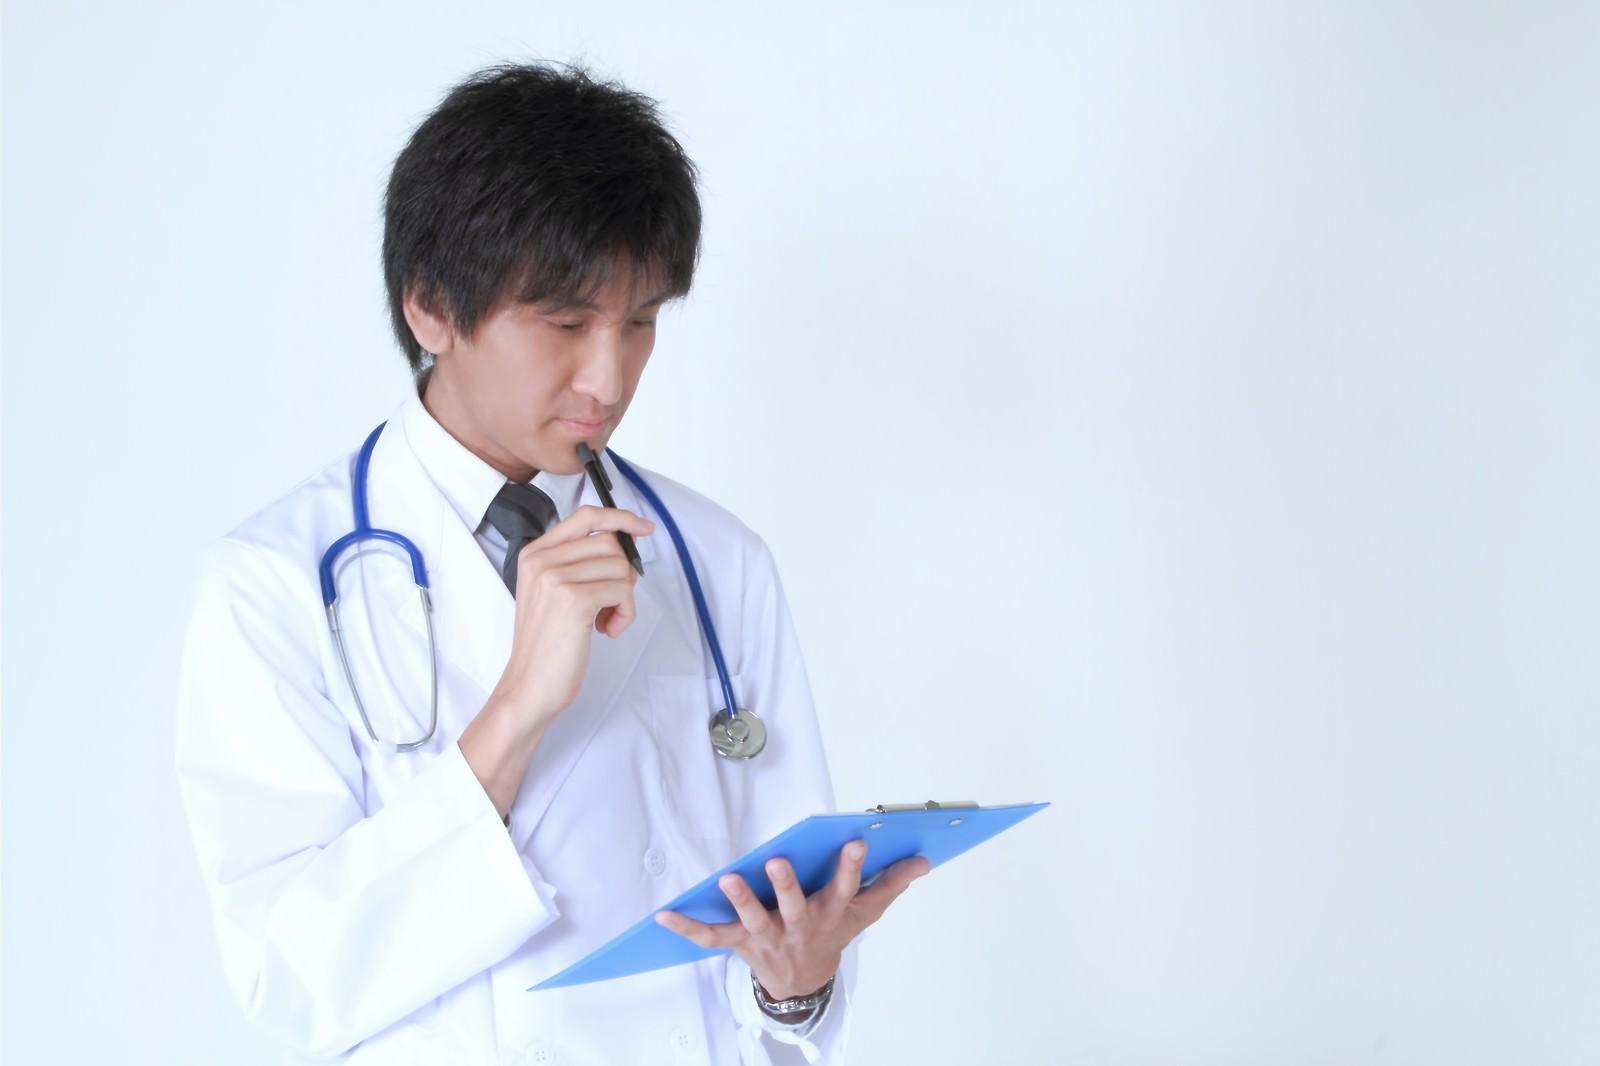 「カルテを見て考えるドクターカルテを見て考えるドクター」[モデル:ACE]のフリー写真素材